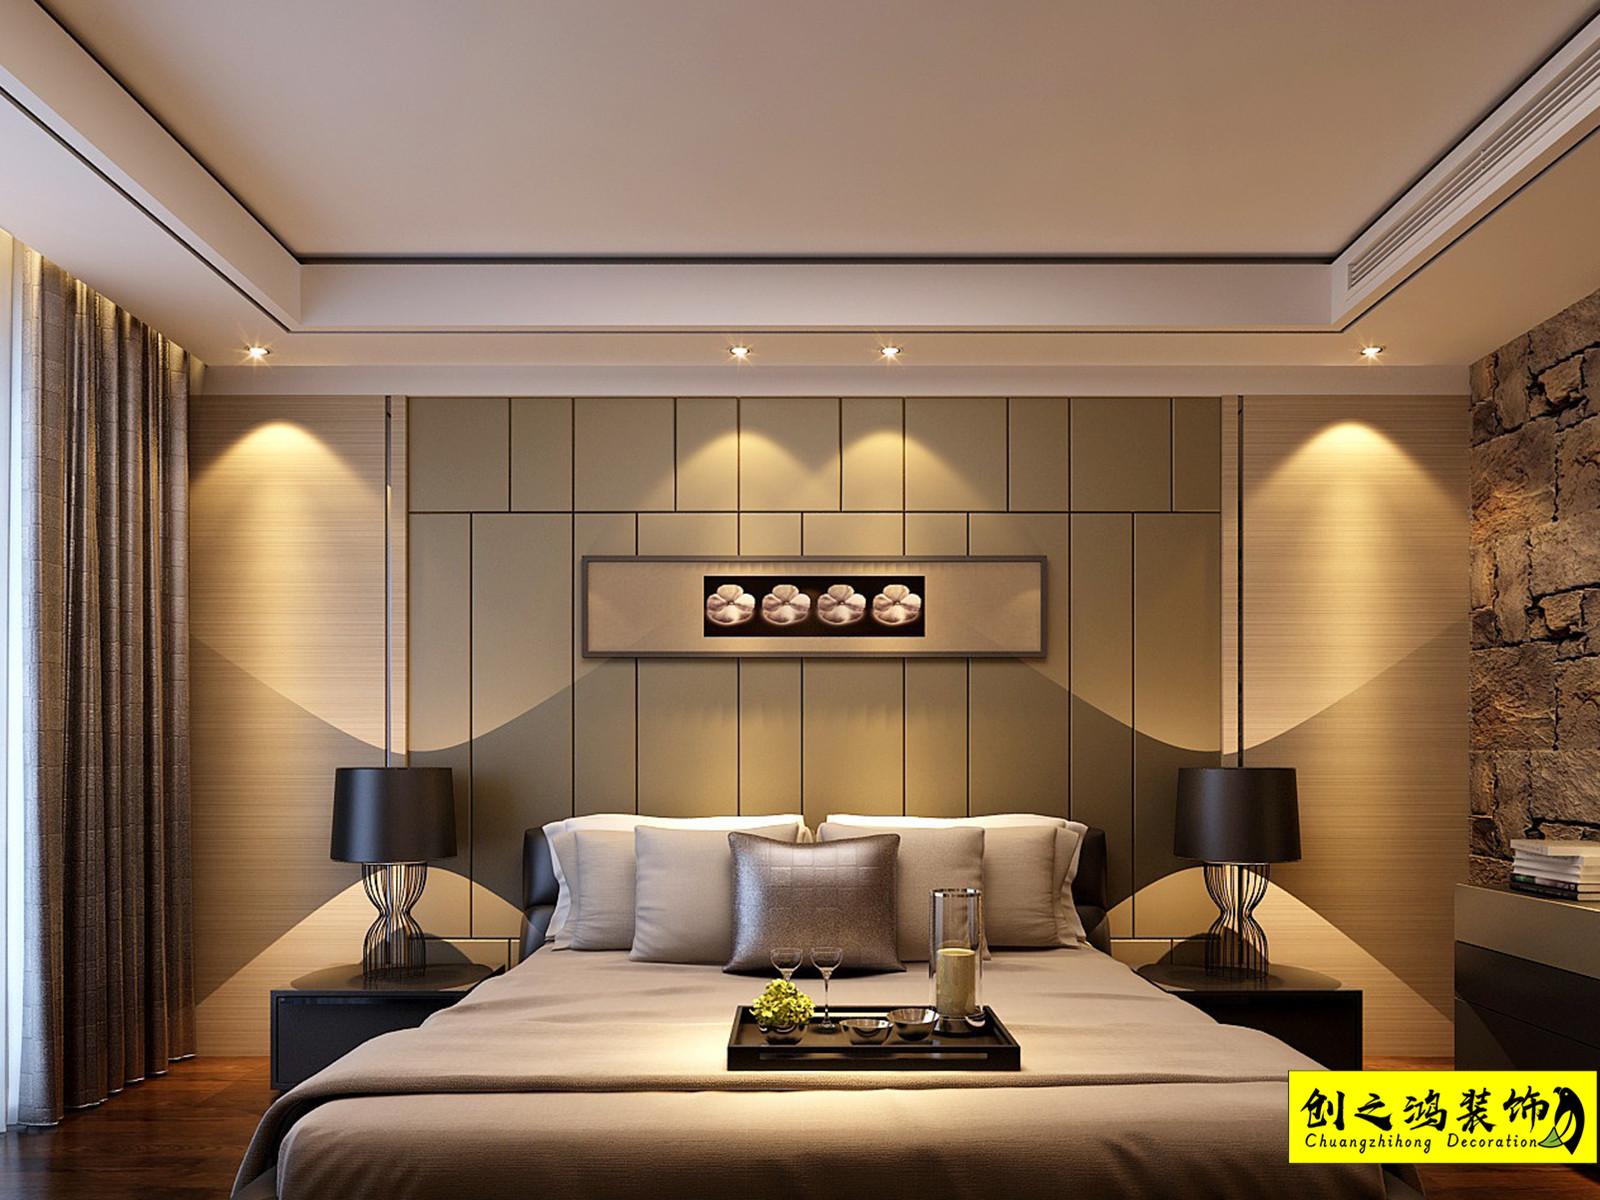 112㎡天房璟悦府三室两厅现代简约风格装修效果图